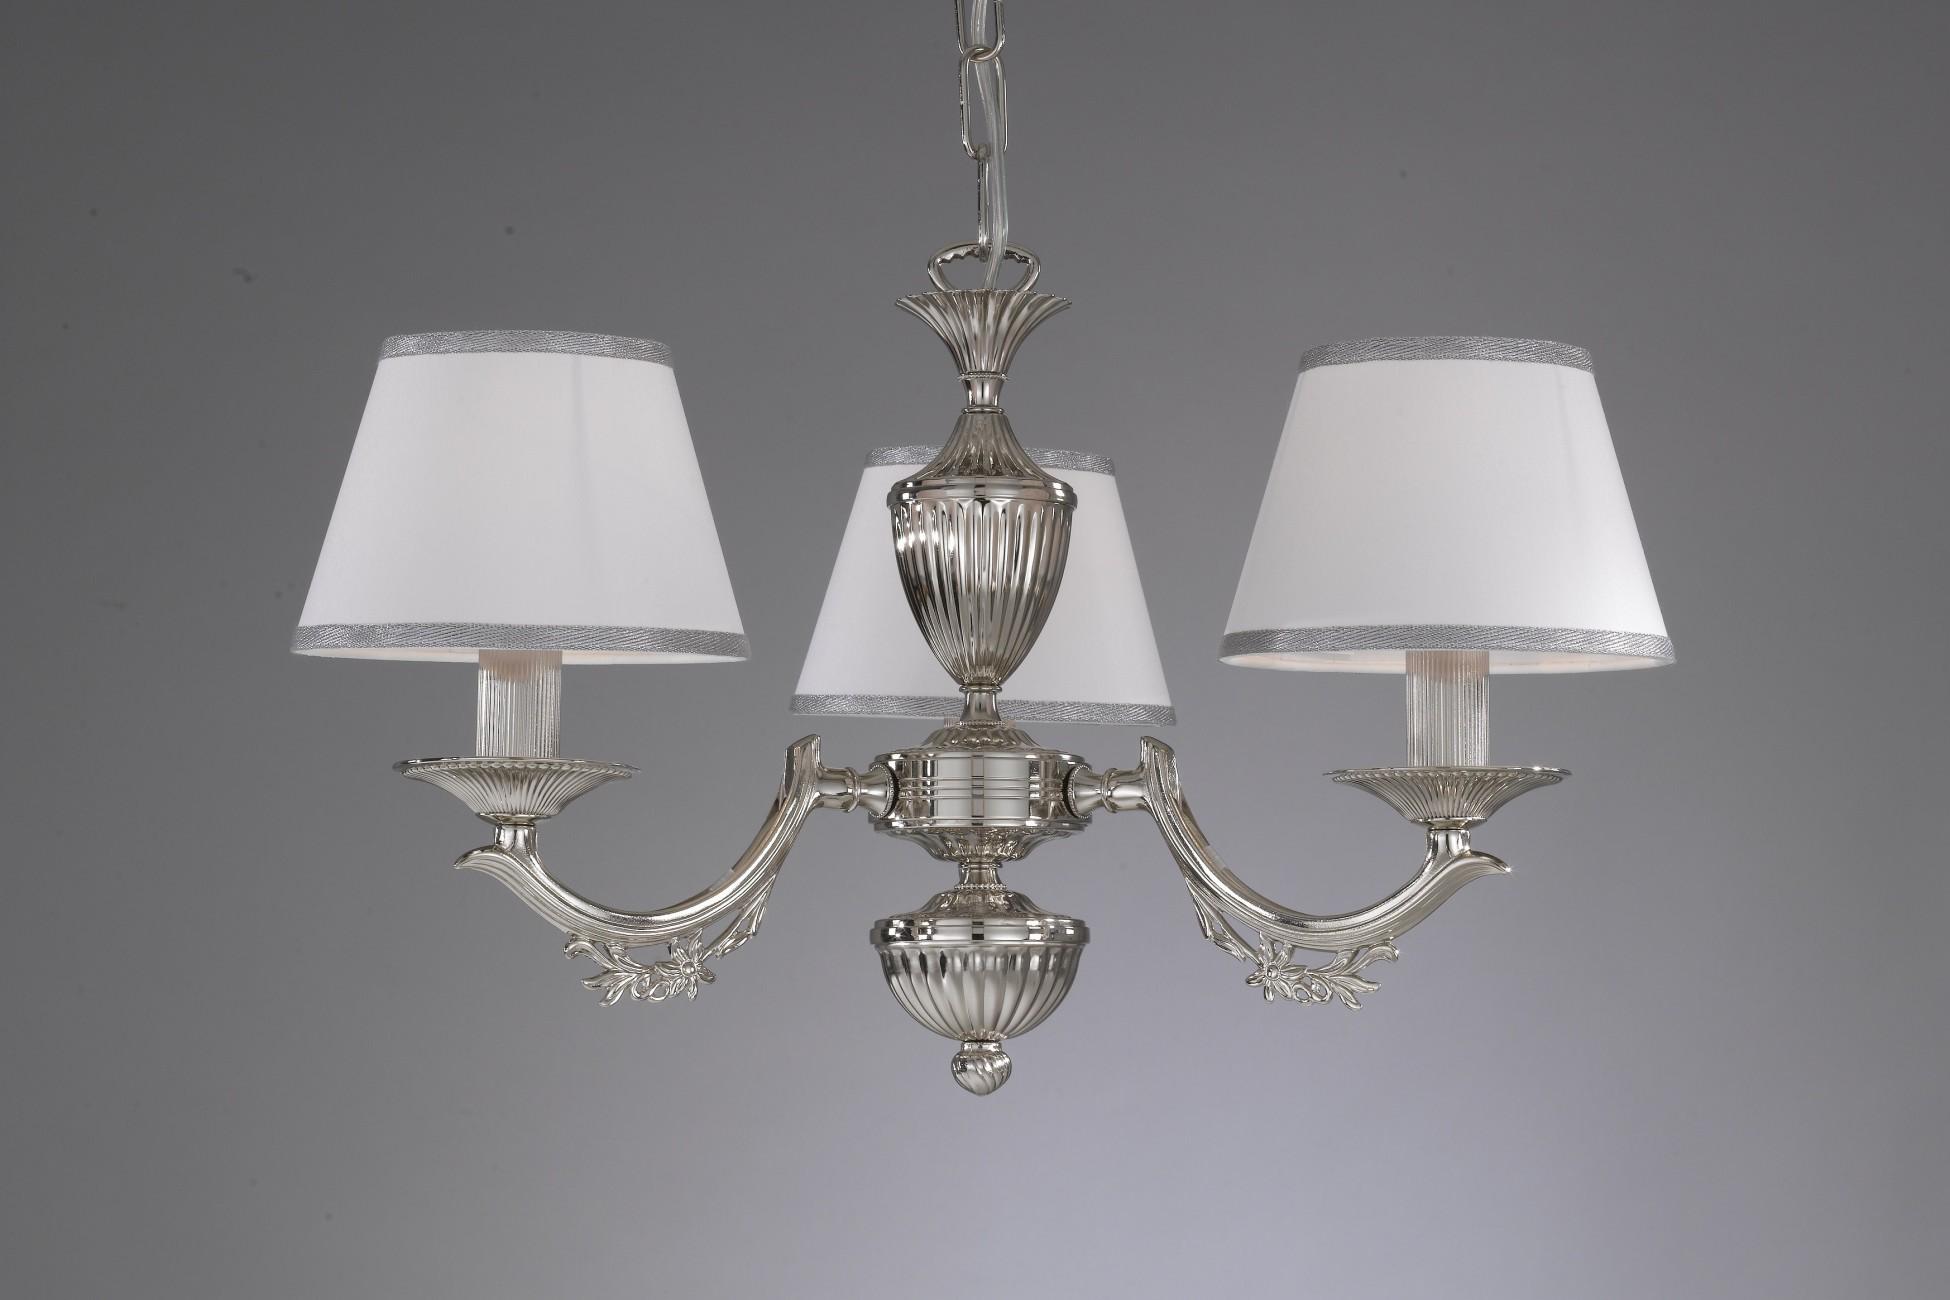 Lampenschirme Klein Kronleuchter ~ Kronleuchter aus nikel farbe mit weiss lampenschirm reccagni store